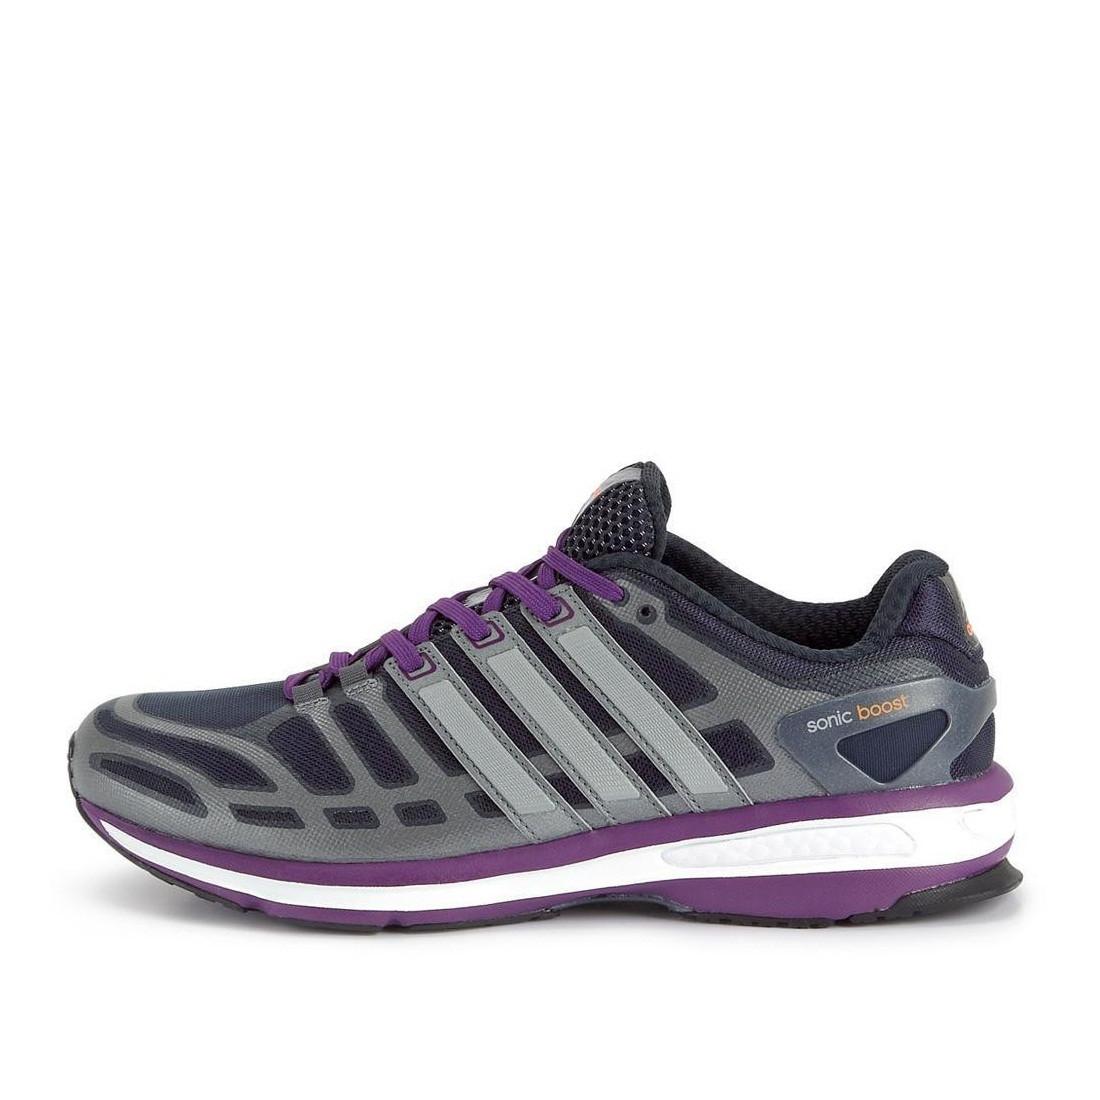 5842485b Кроссовки женские adidas Sonic Boost D67137 (темно серые с фиолетовым,  беговые, летние,